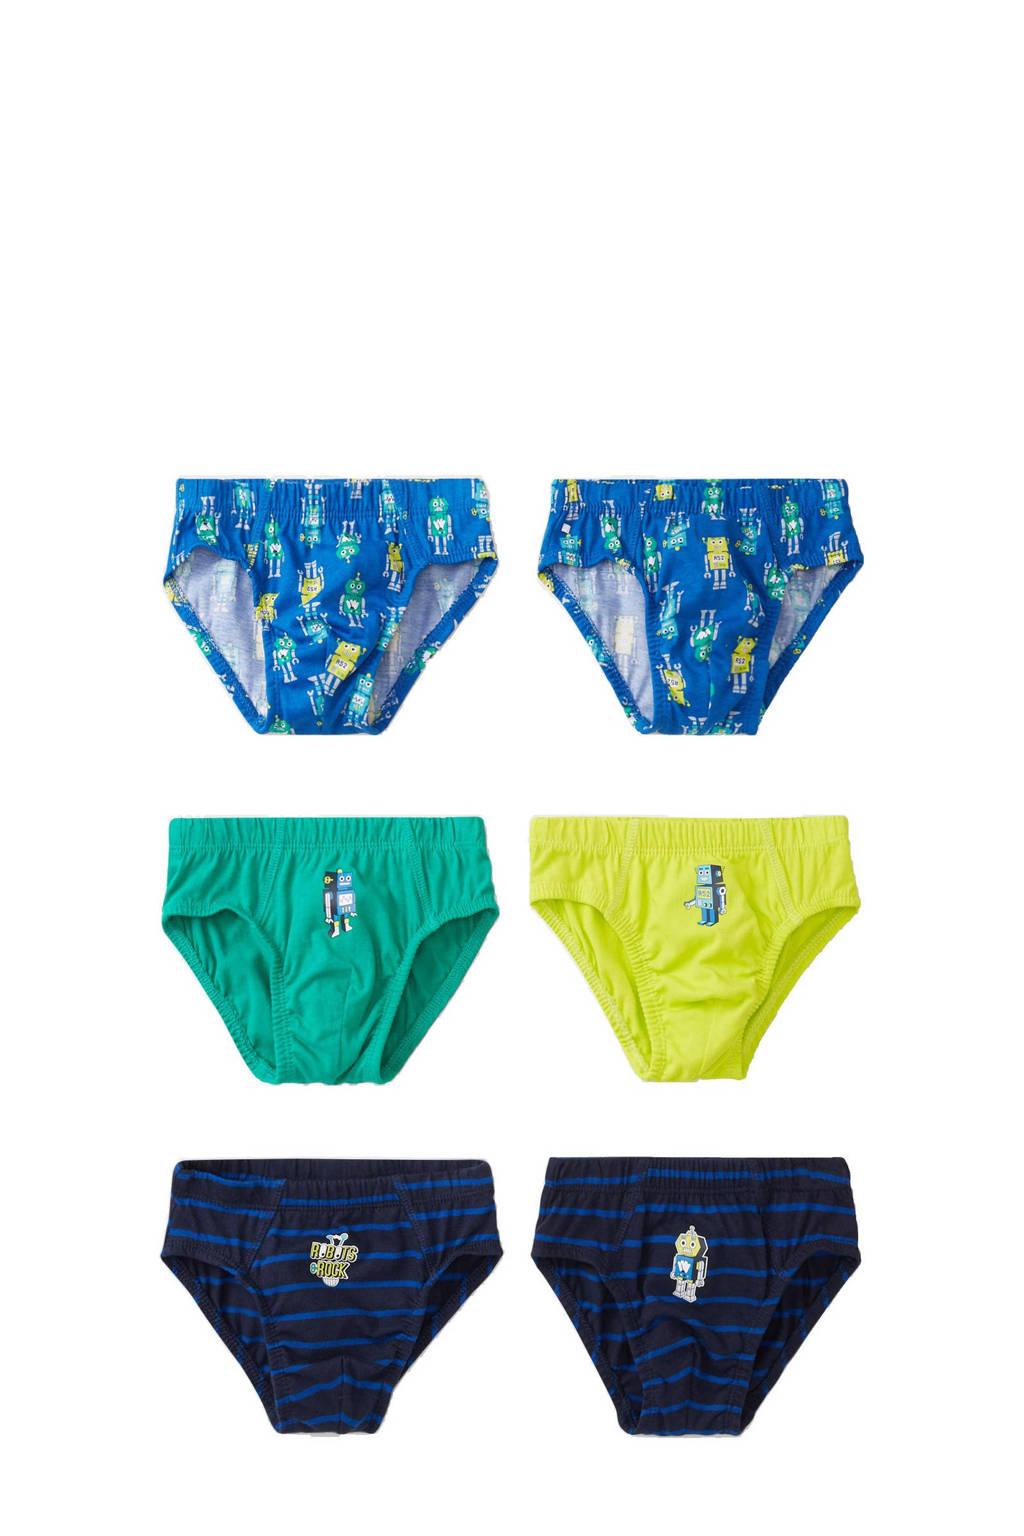 C&A Palomino slip - set van 6 blauw/groen/geel, Blauw/groen/geel